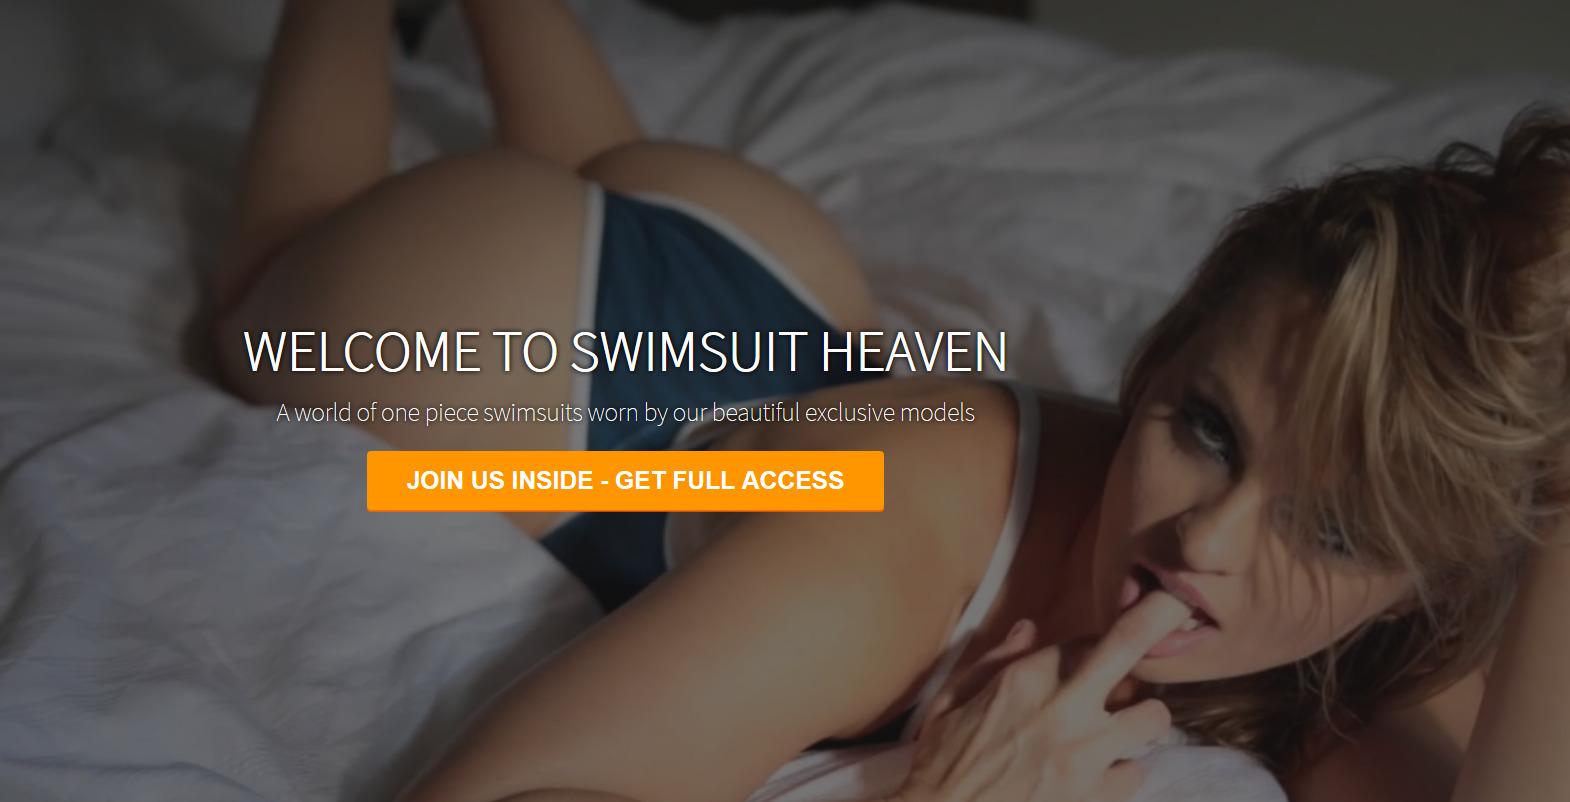 swimsuit-heaven